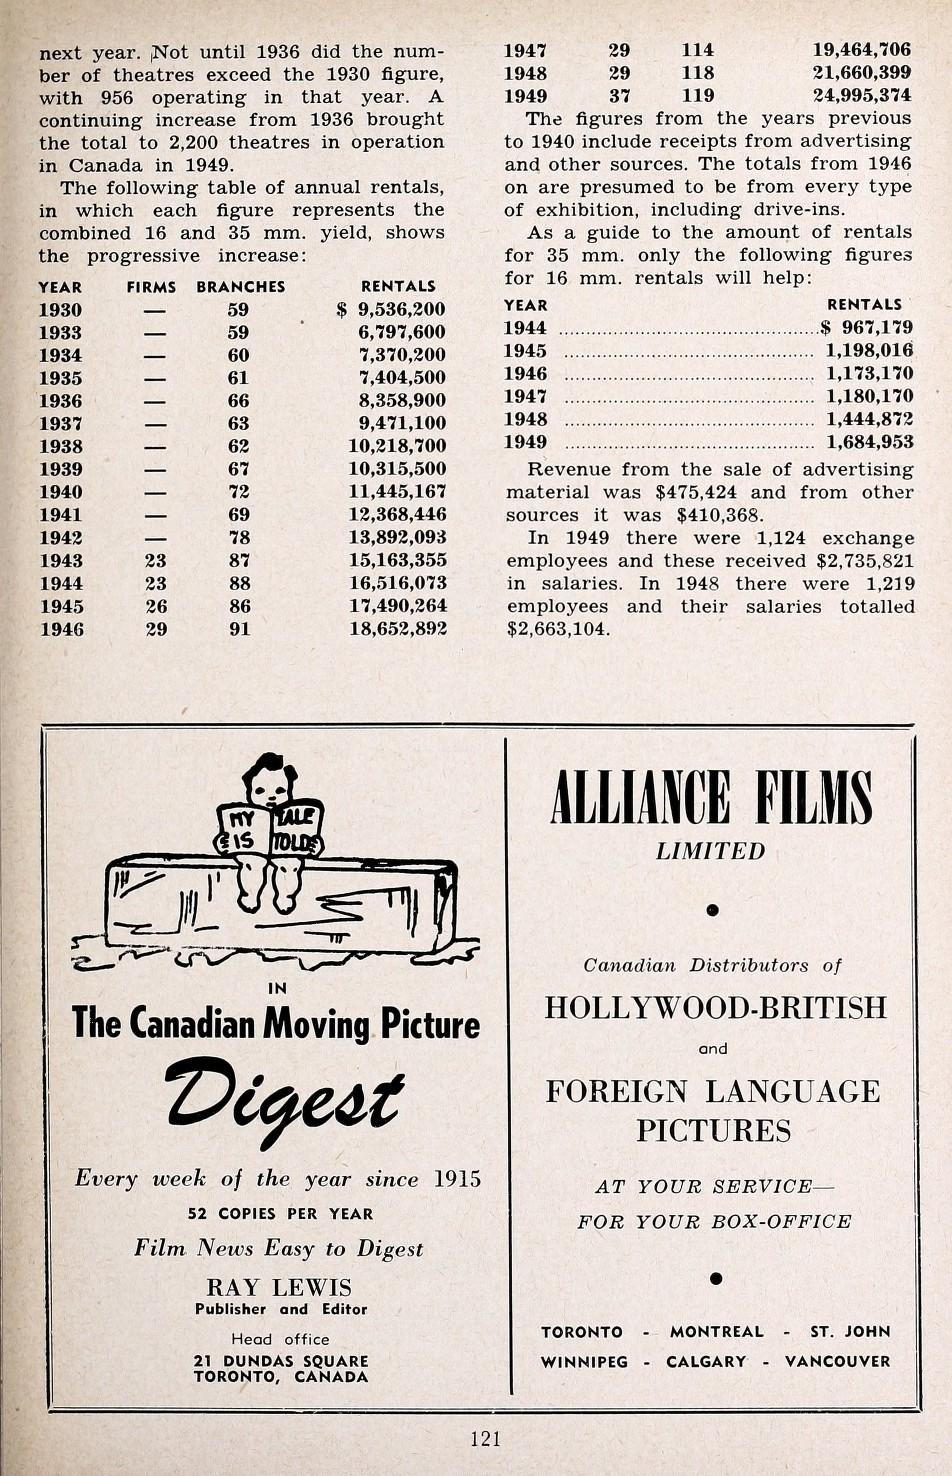 1951yearbookcana00film_jp2.zip&file=1951yearbookcana00film_jp2%2f1951yearbookcana00film_0123